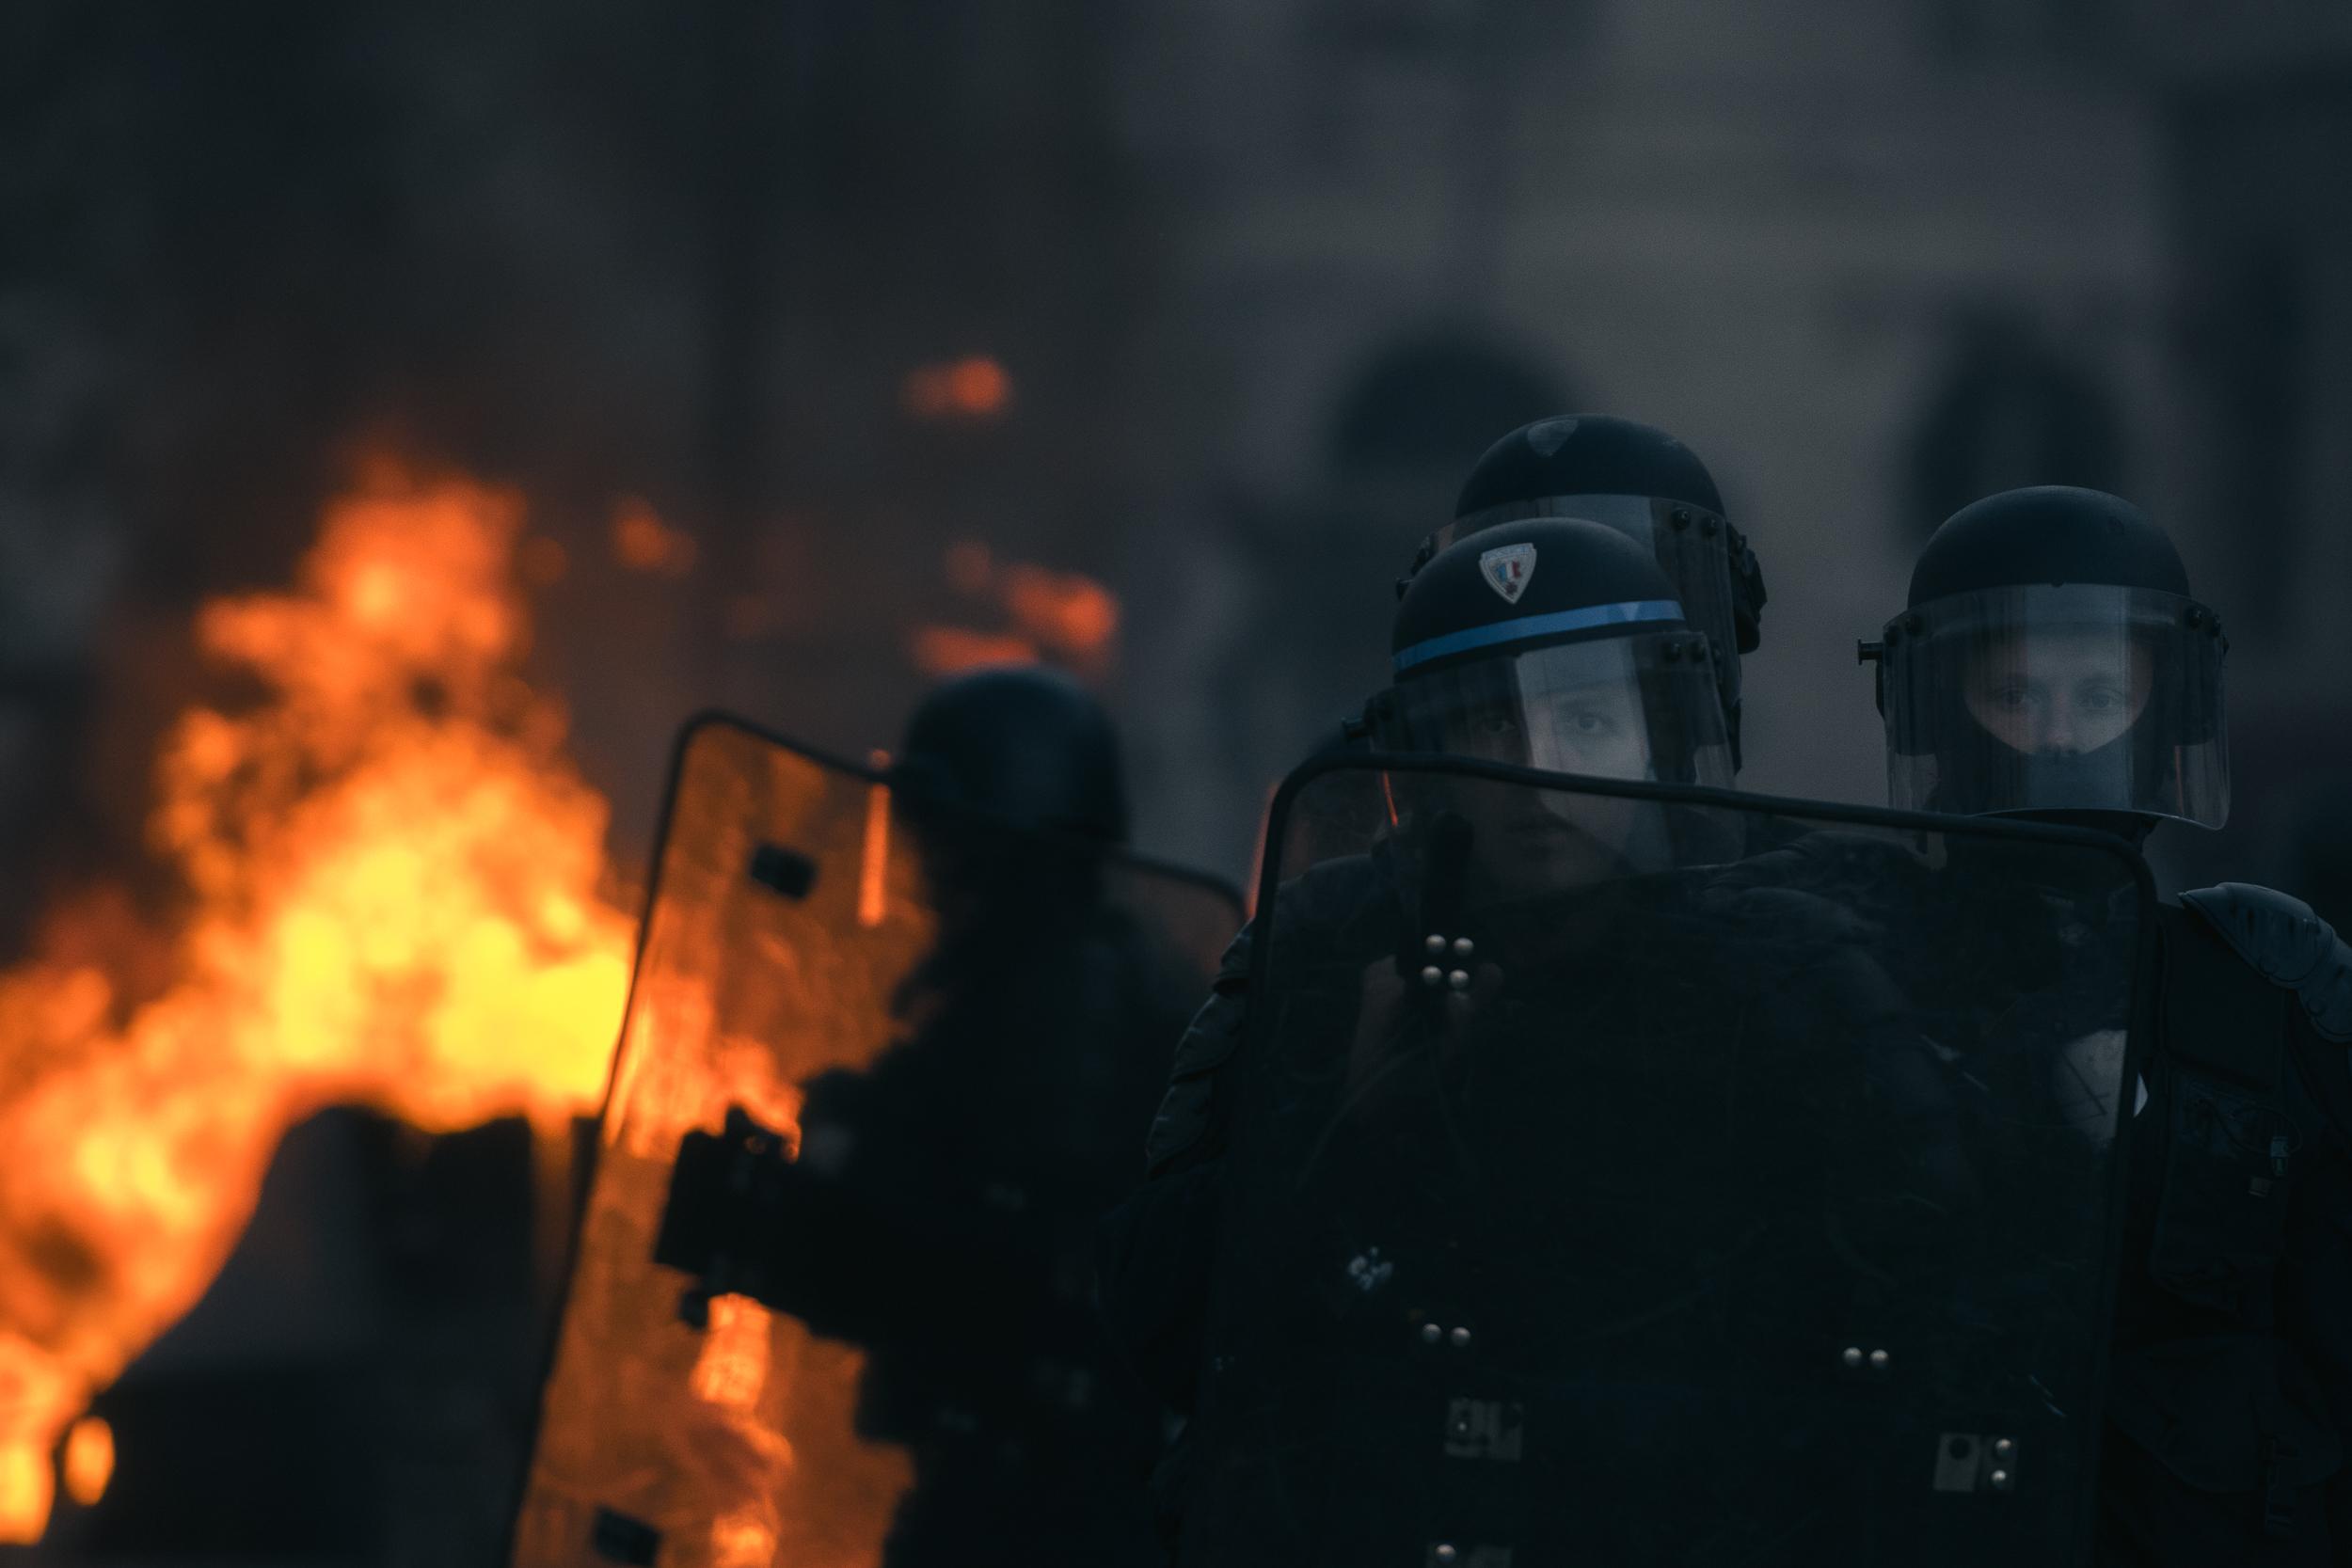 Les policiers sécurisent les pompiers. On voit le désarroi et la fatigue sur le visage de certains.